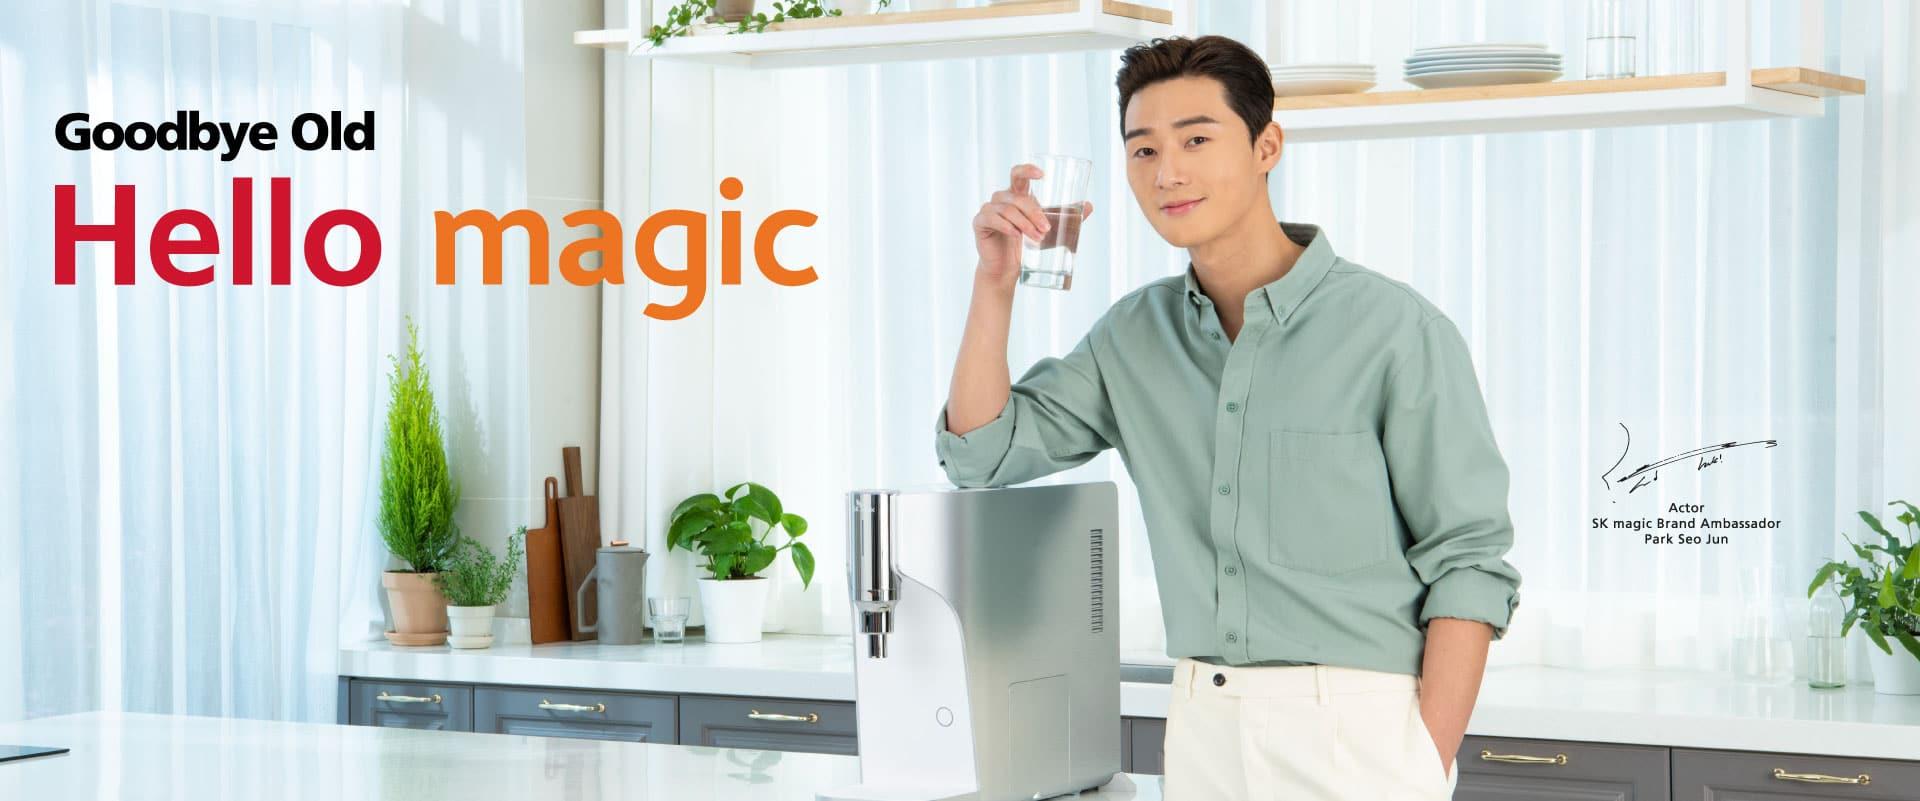 Park Seo Jun PSJ SK magic